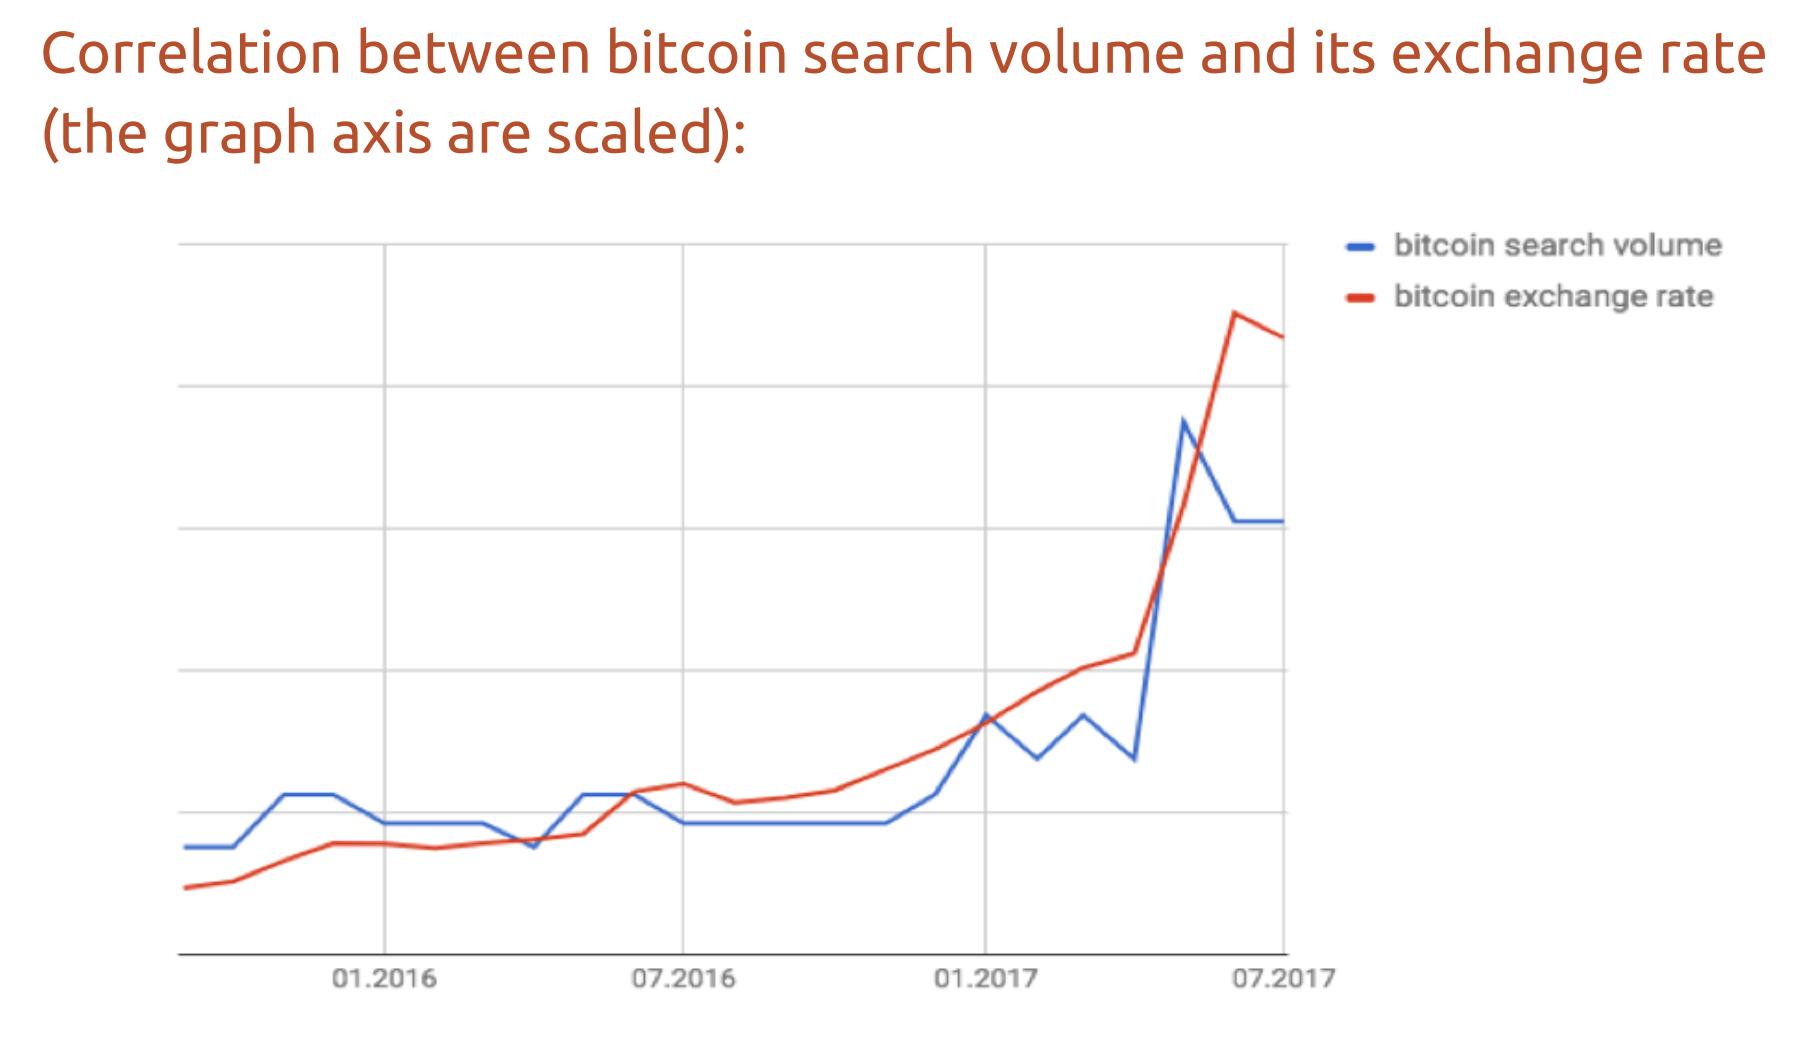 """从逻辑上来说,这是一个显而易见的事实。比特币越贵,市场就越兴奋,自然有更多的人上网搜索价格走势和业内分析。有分析师据此认为,比特币价格与搜索量的正相关性,代表这一虚拟货币界的""""王者""""正向主流市场迈进,价格可能有无限的上升空间。"""